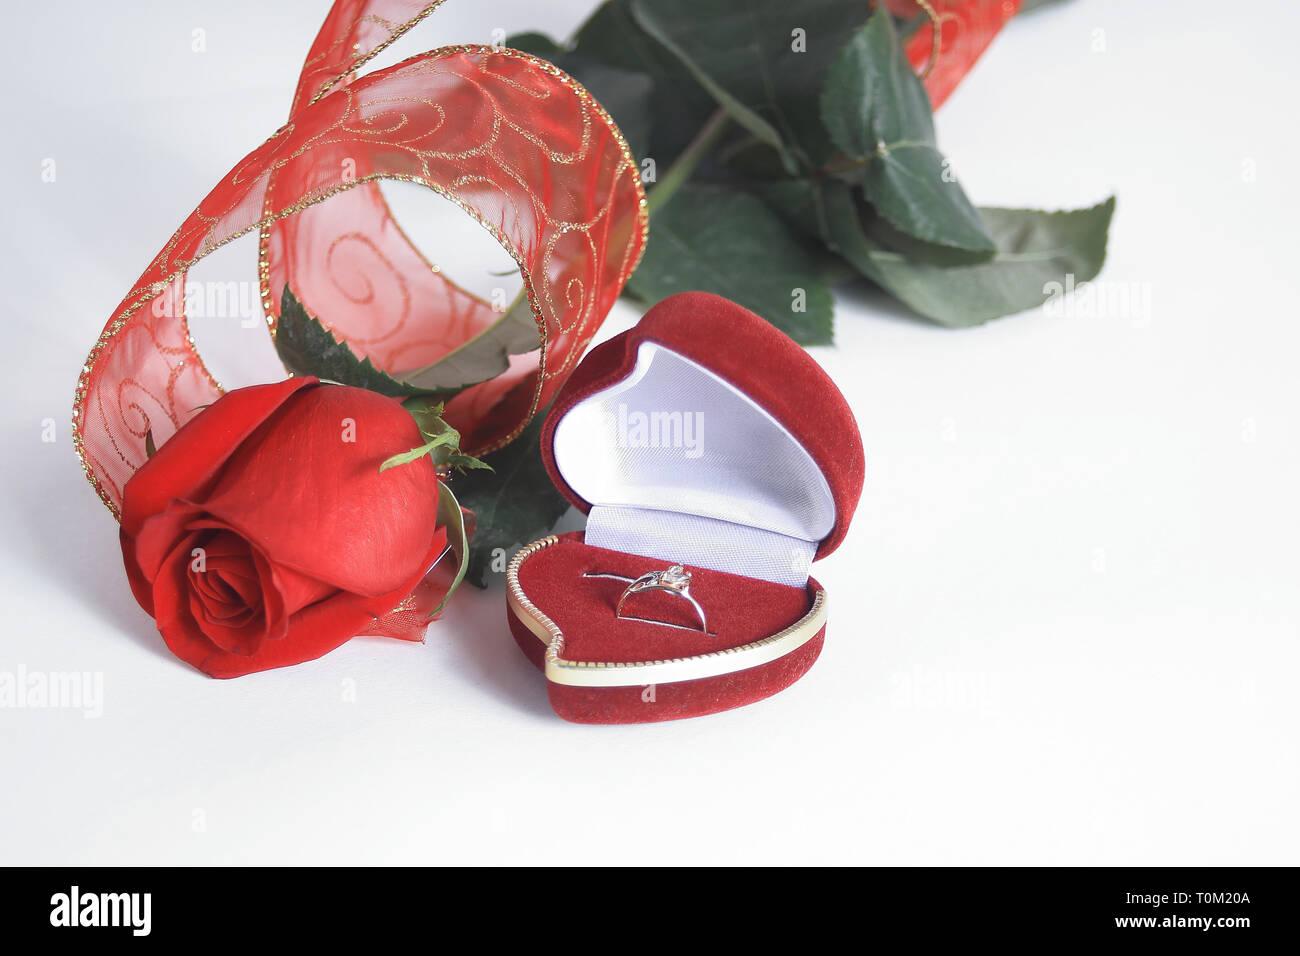 13ea10158cb Anillos de boda y rosa roja sobre fondo blanco.foto con espacio de copia  Imagen